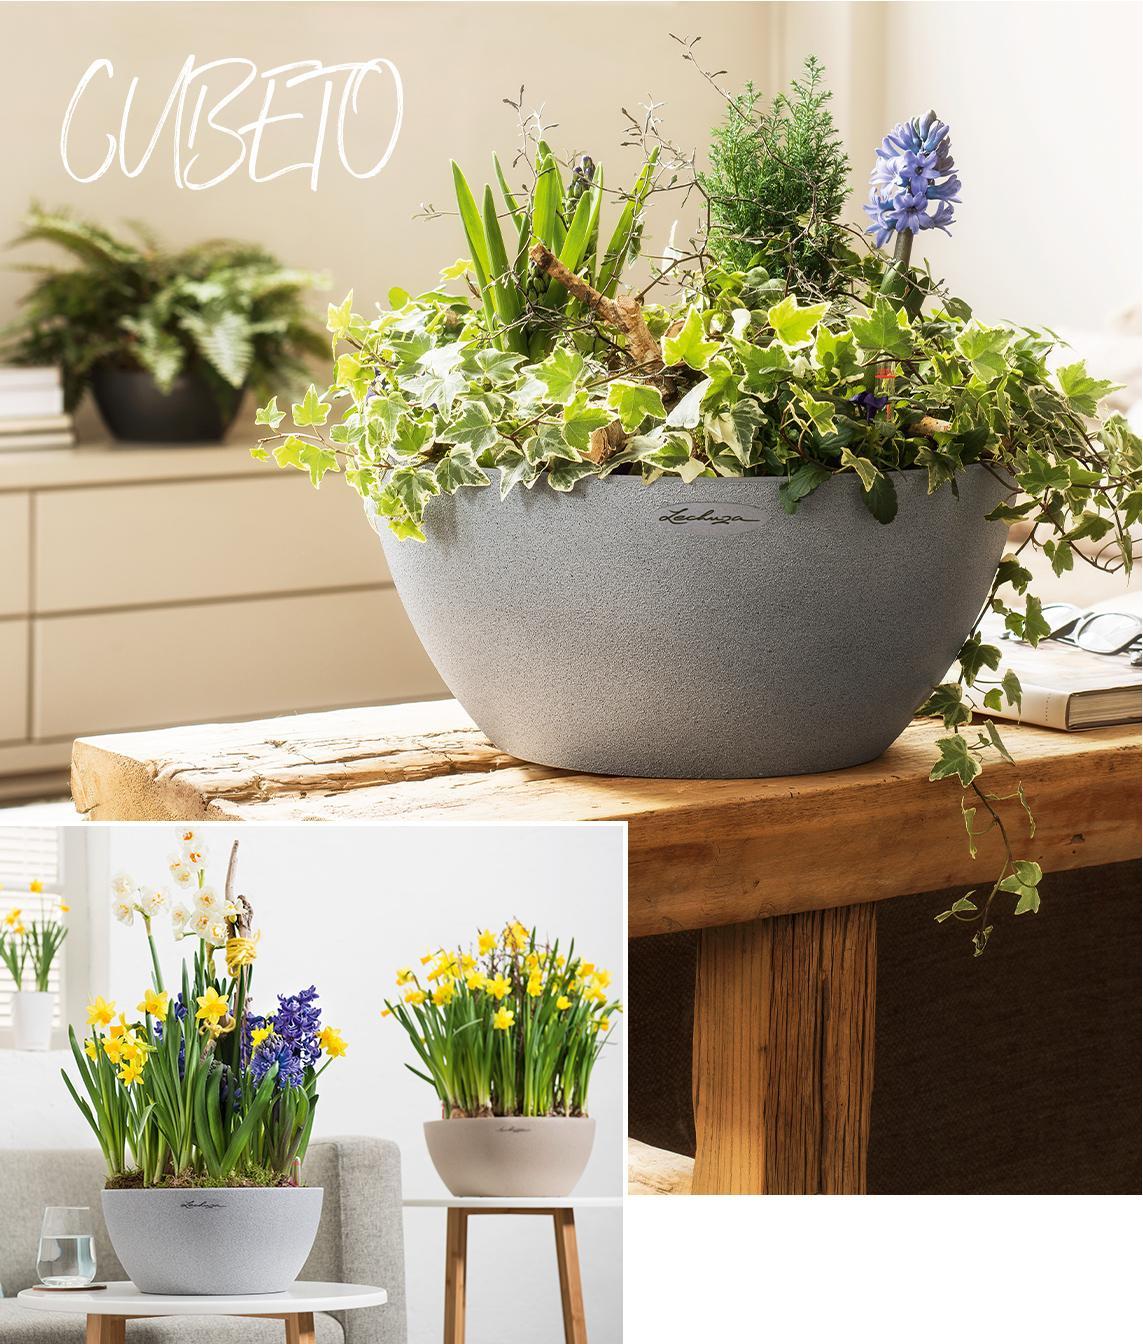 Maceta gris con apariencia de piedra plantada con hermosas flores tempranas como el narciso y el jacinto.